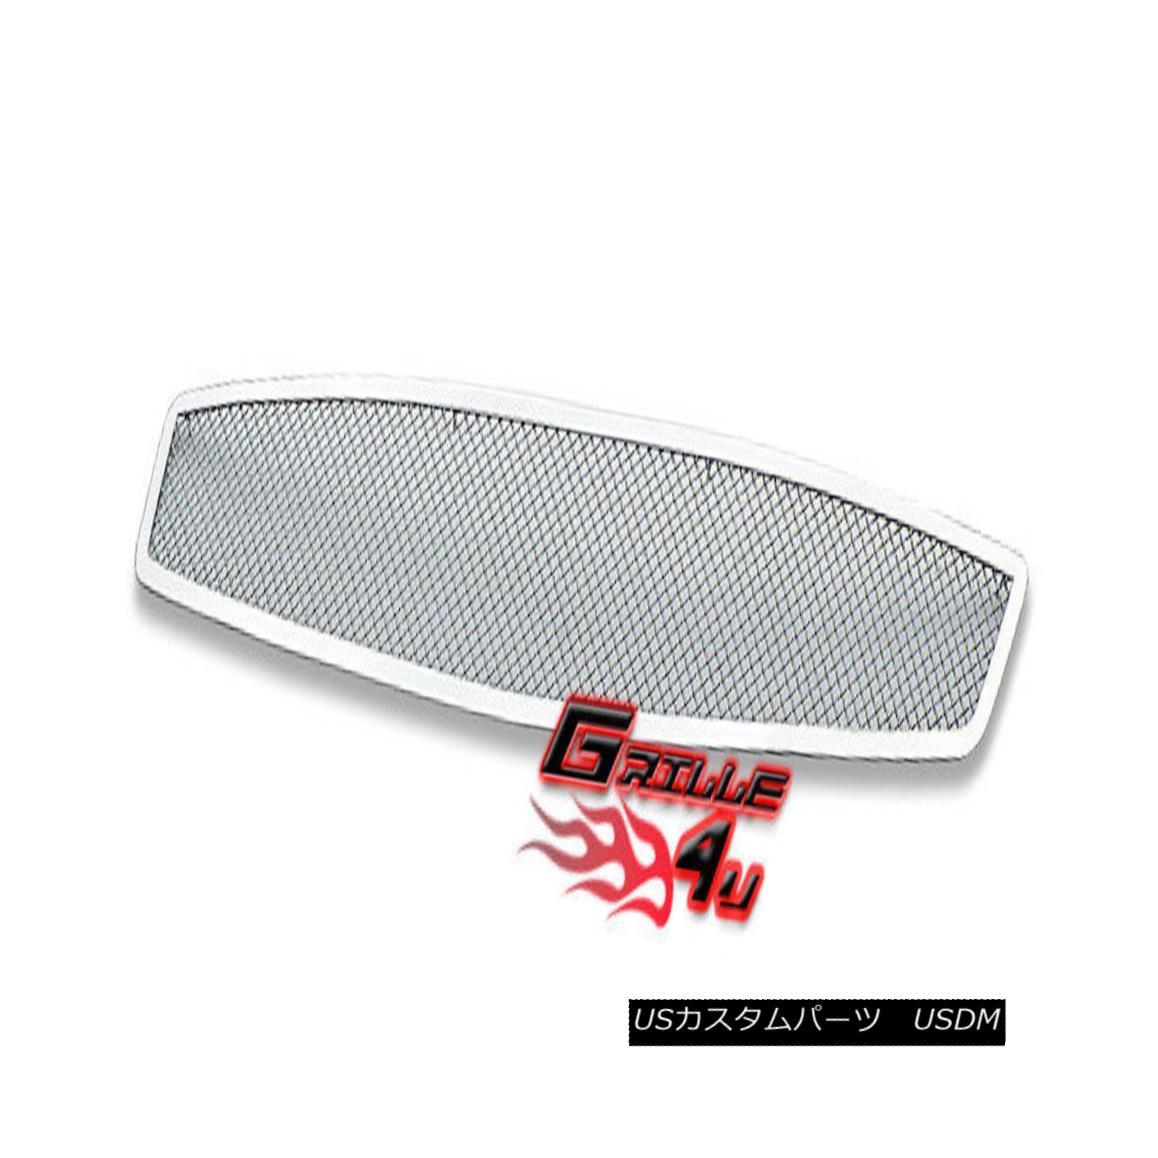 グリル For 03-07 Infiniti G35 Coupe Stainless Steel Mesh Premium Grille Insert 03-07インフィニティG35クーペステンレスメッシュプレミアムグリルインサート